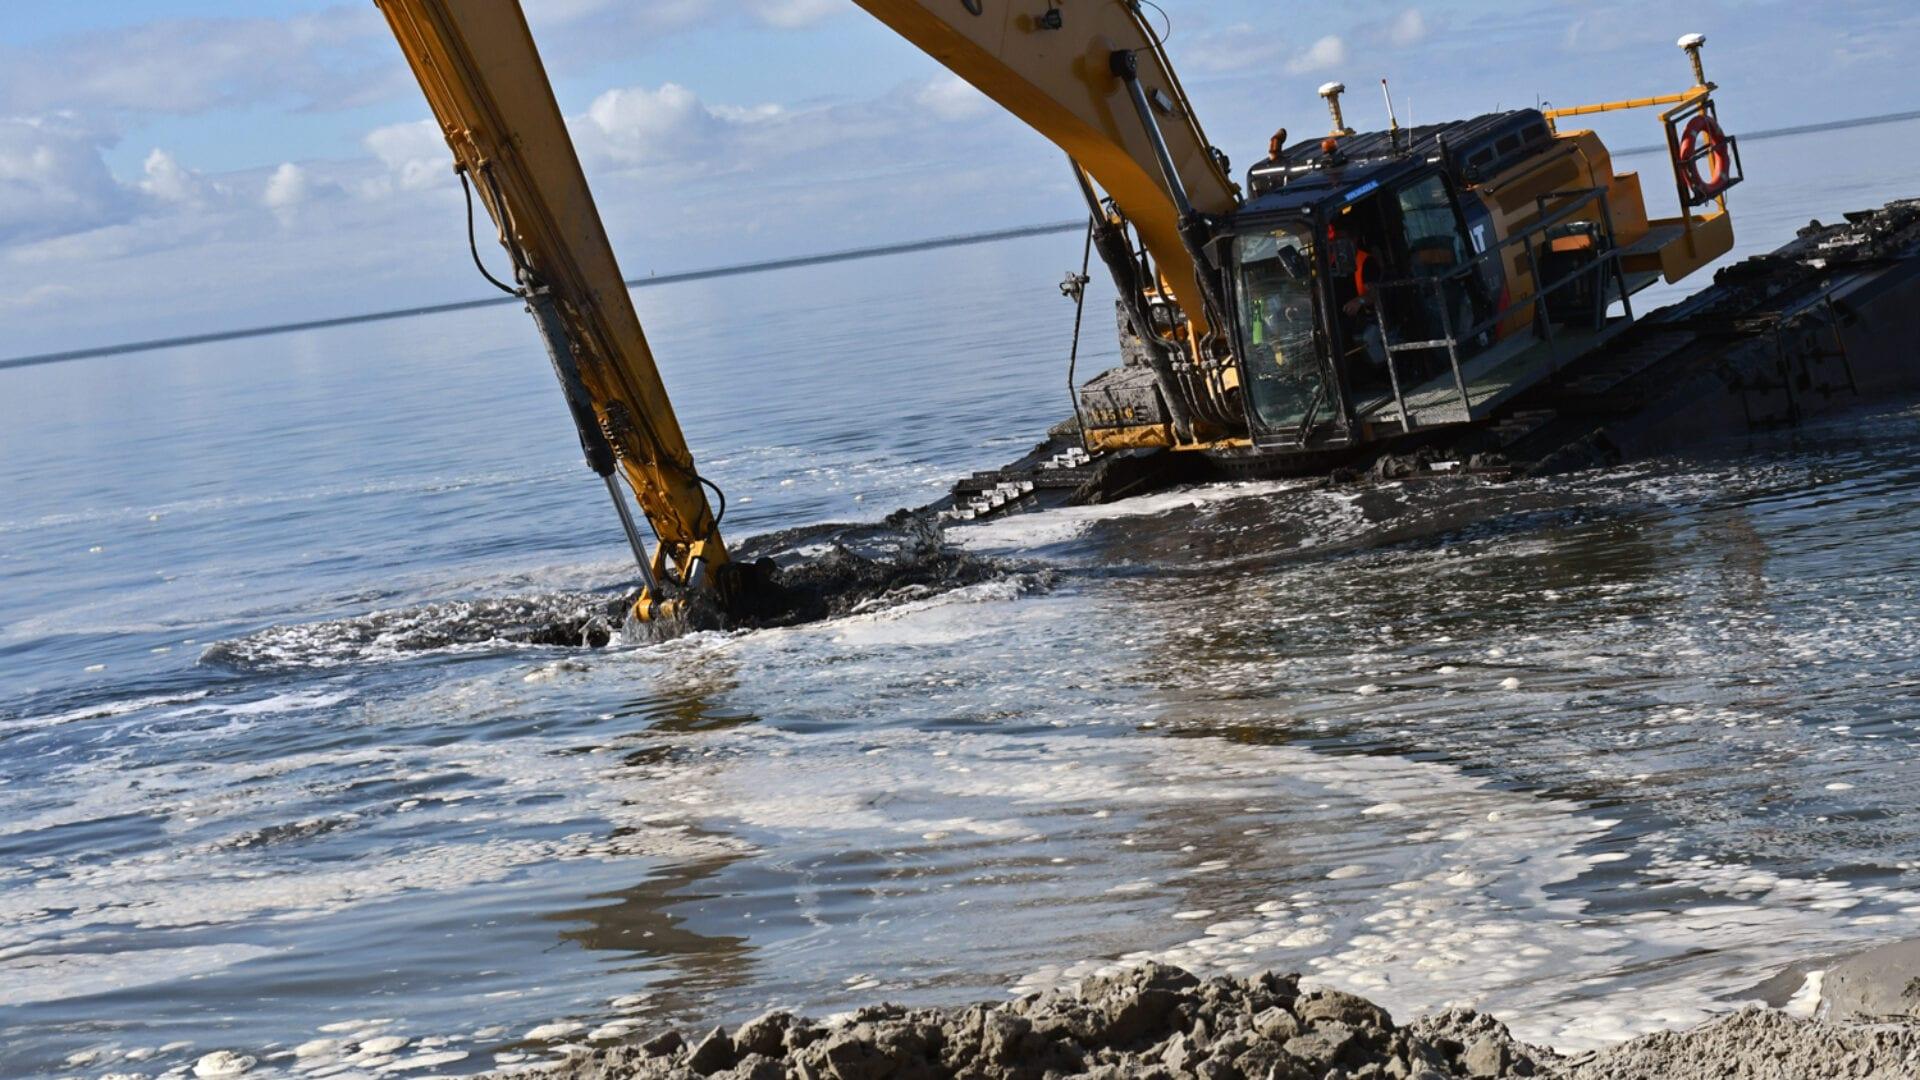 Wij zien het water bij Kornwerderzand. Aan de voorkant liggen zand en stenen. Daarachter water en er drijft een amfibiekraan in. Deze is bezig om grond te verschepen.